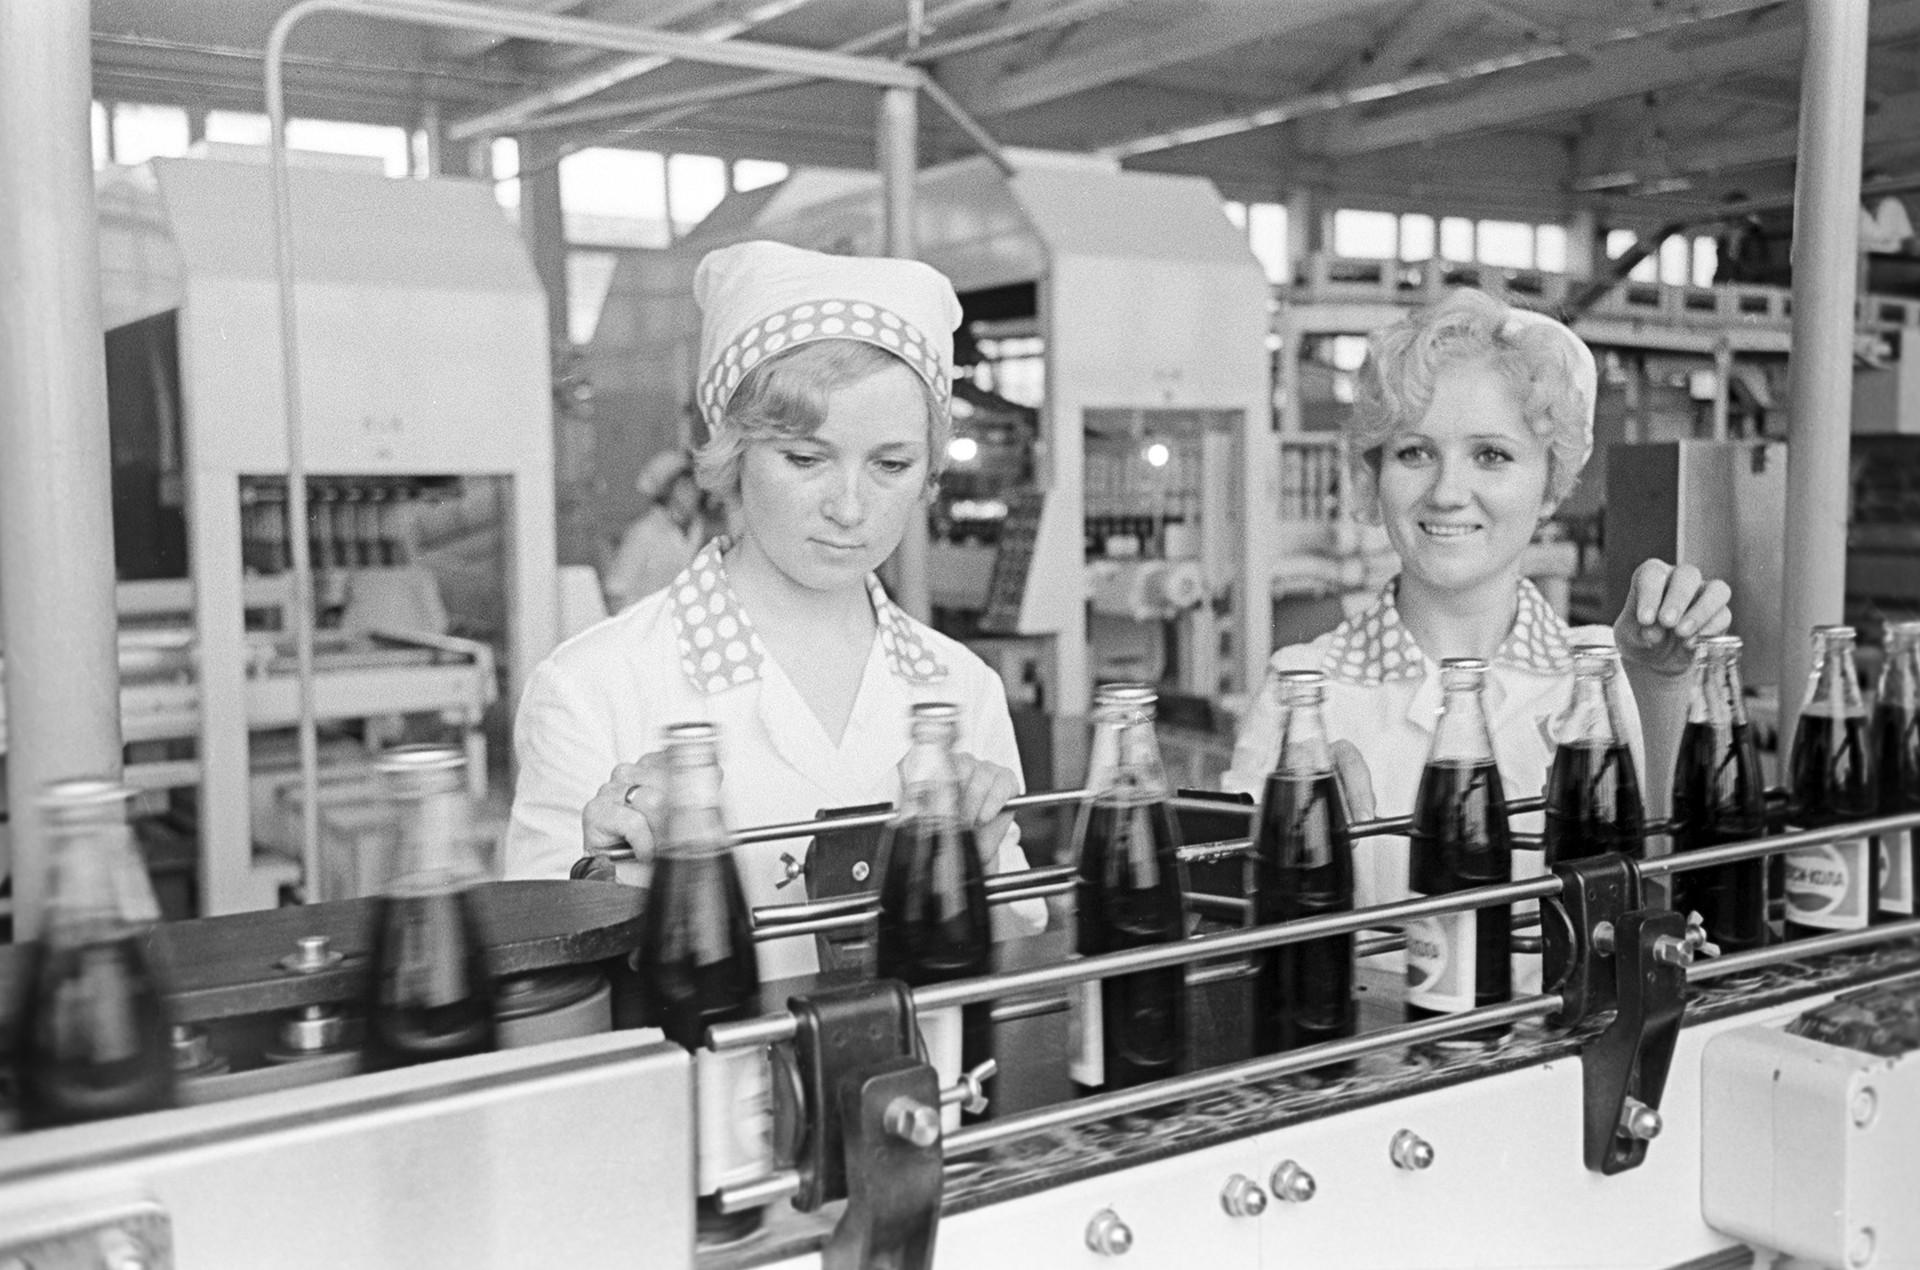 Tvornica piva u Novorosijsku. Proizvodna linija Pepsi Cole, 1974.